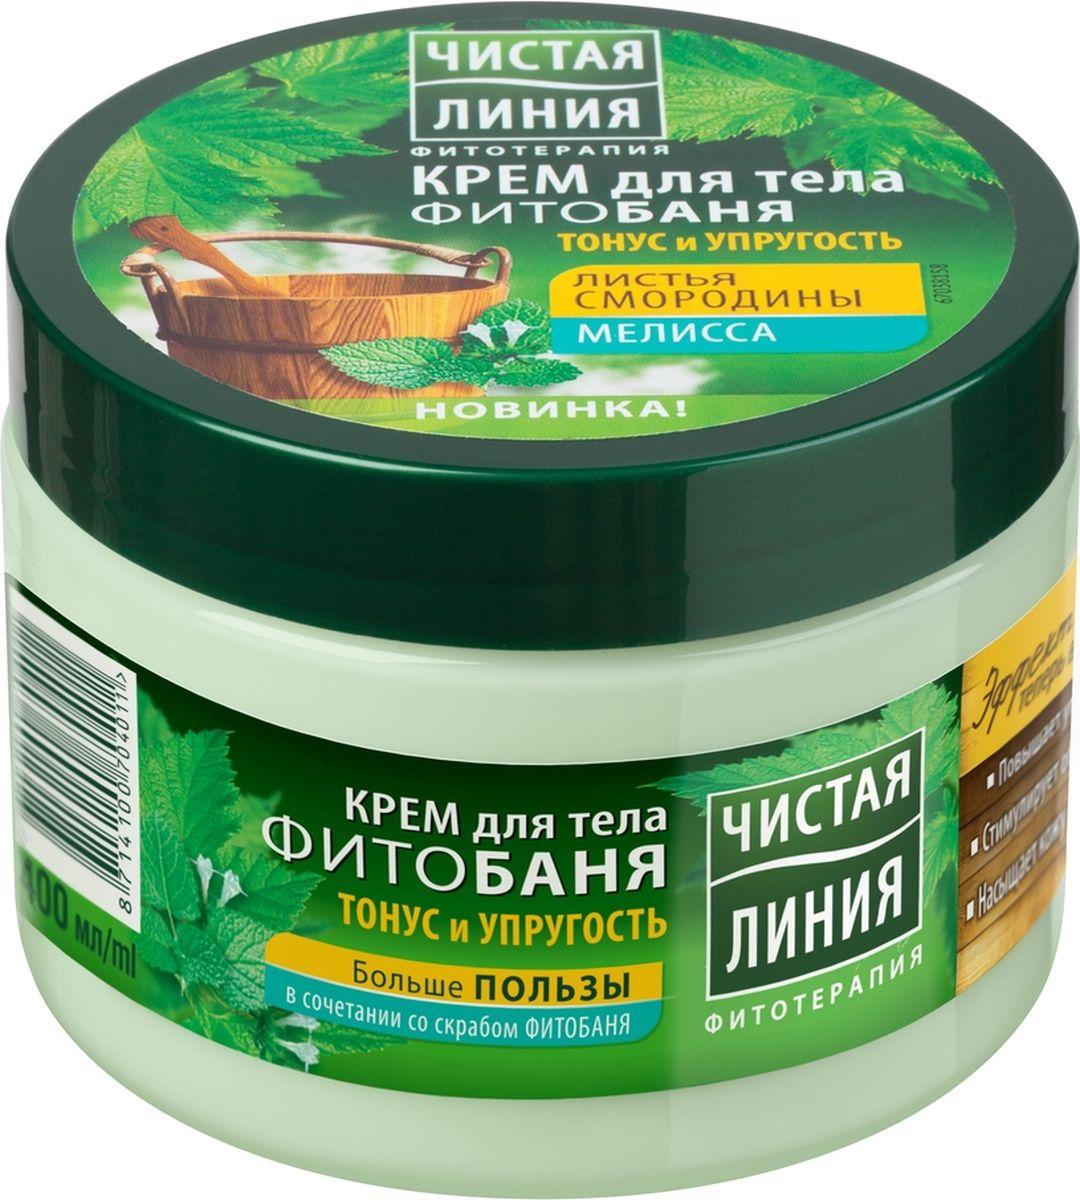 Чистая Линия Фитобаня крем для тела, 400 мл мыло чистая линия фитобаня нежный пилинг 75г